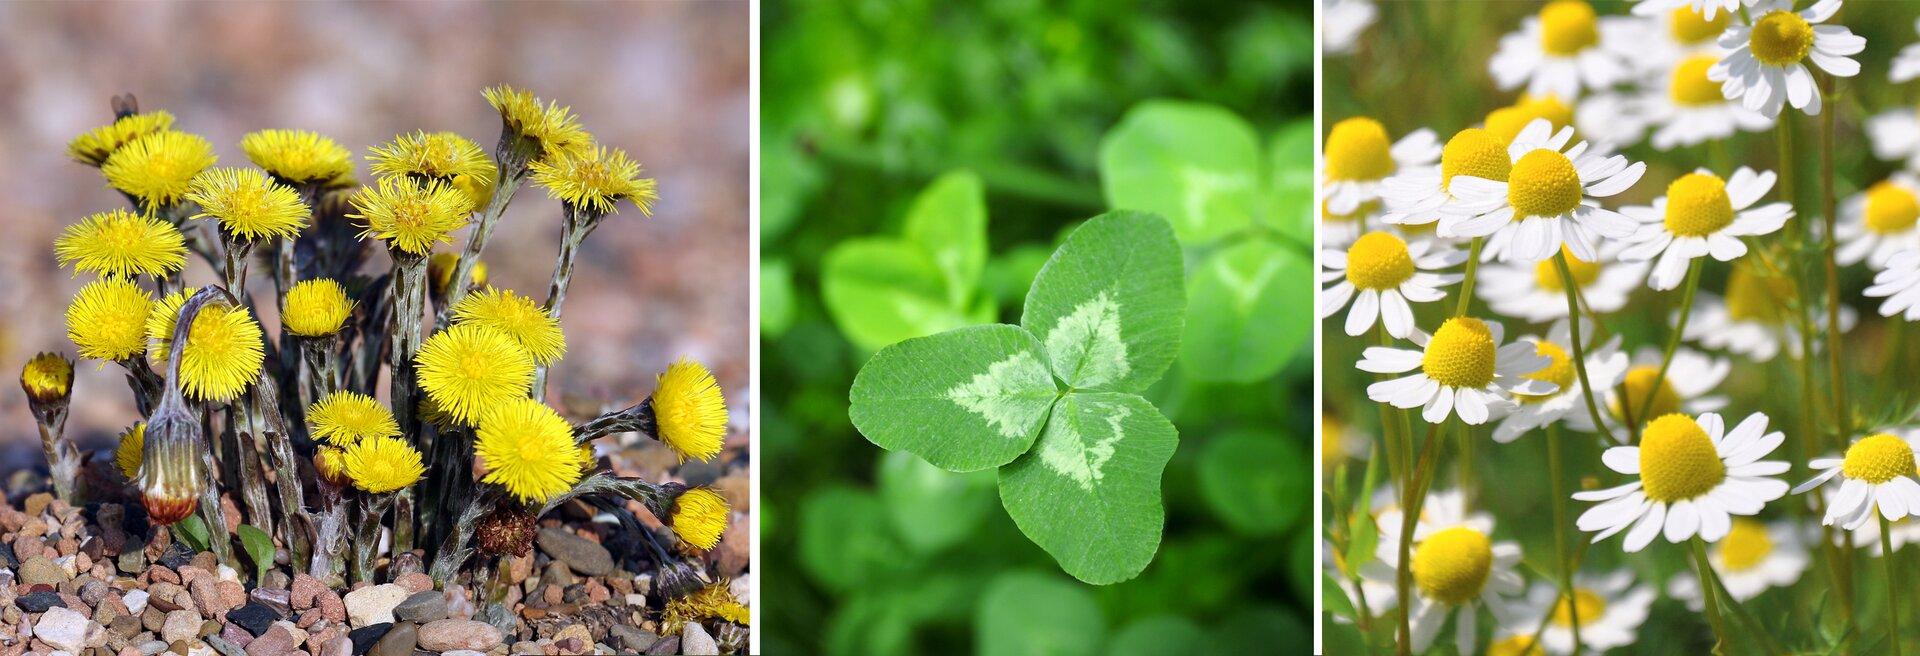 Drugi kadr galerii Ilustracja składa się ztrzech zdjęć przedstawiających trzy różne rodzaje roślin wskaźnikowych. Po lewej stronie rosnący na kamiennym podłożu ikwitnący żółtymi kwiatami podbiał, pośrodku zbliżenie trójlistnej koniczyny, apo prawej białe kwiaty rumianku zżółtymi środkami.